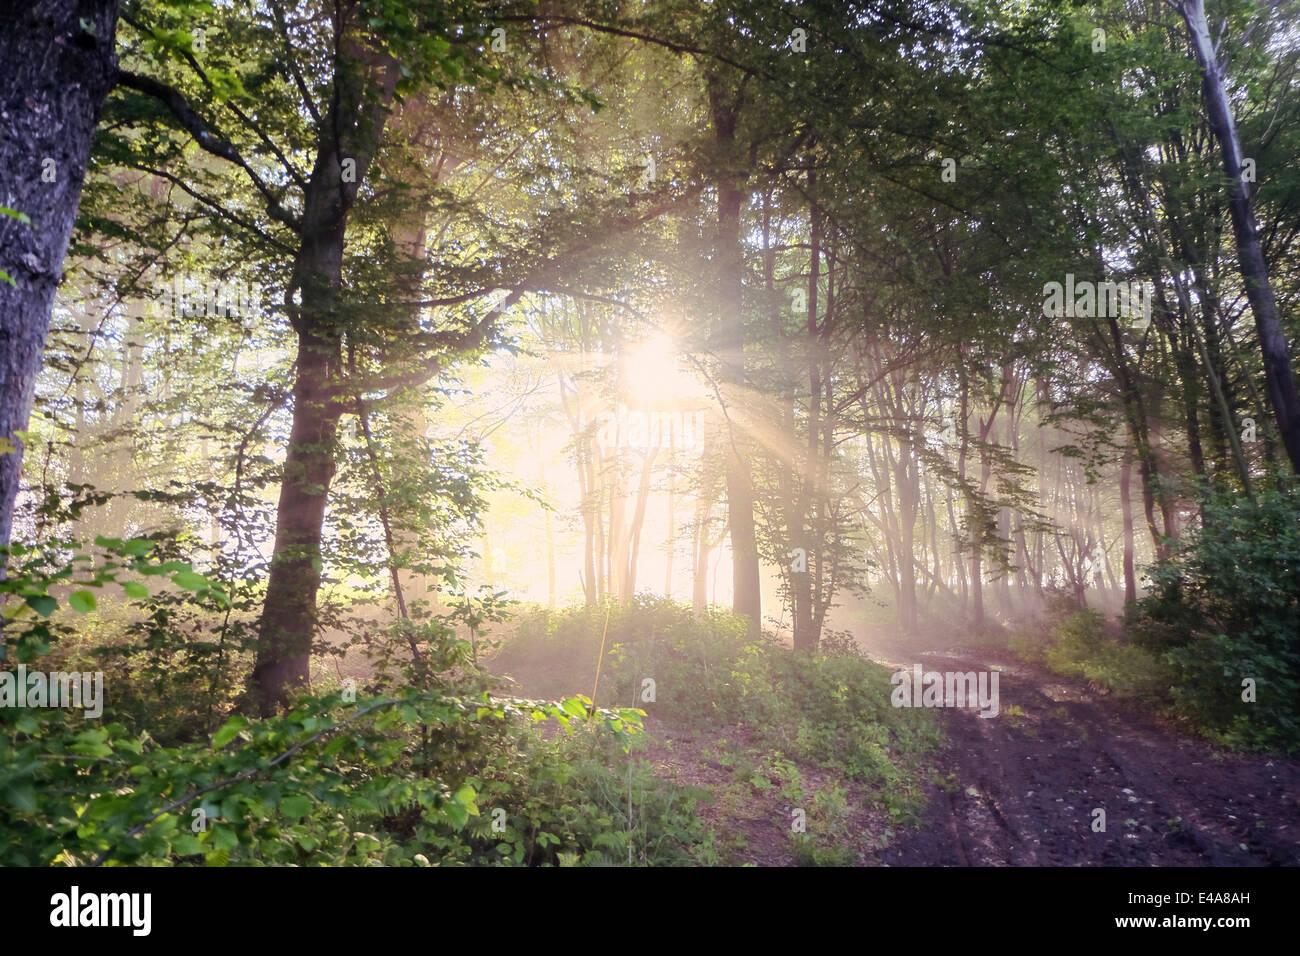 Germany, North Rhine-Westphalia, Forest, Morning mist and sunrise Stock Photo